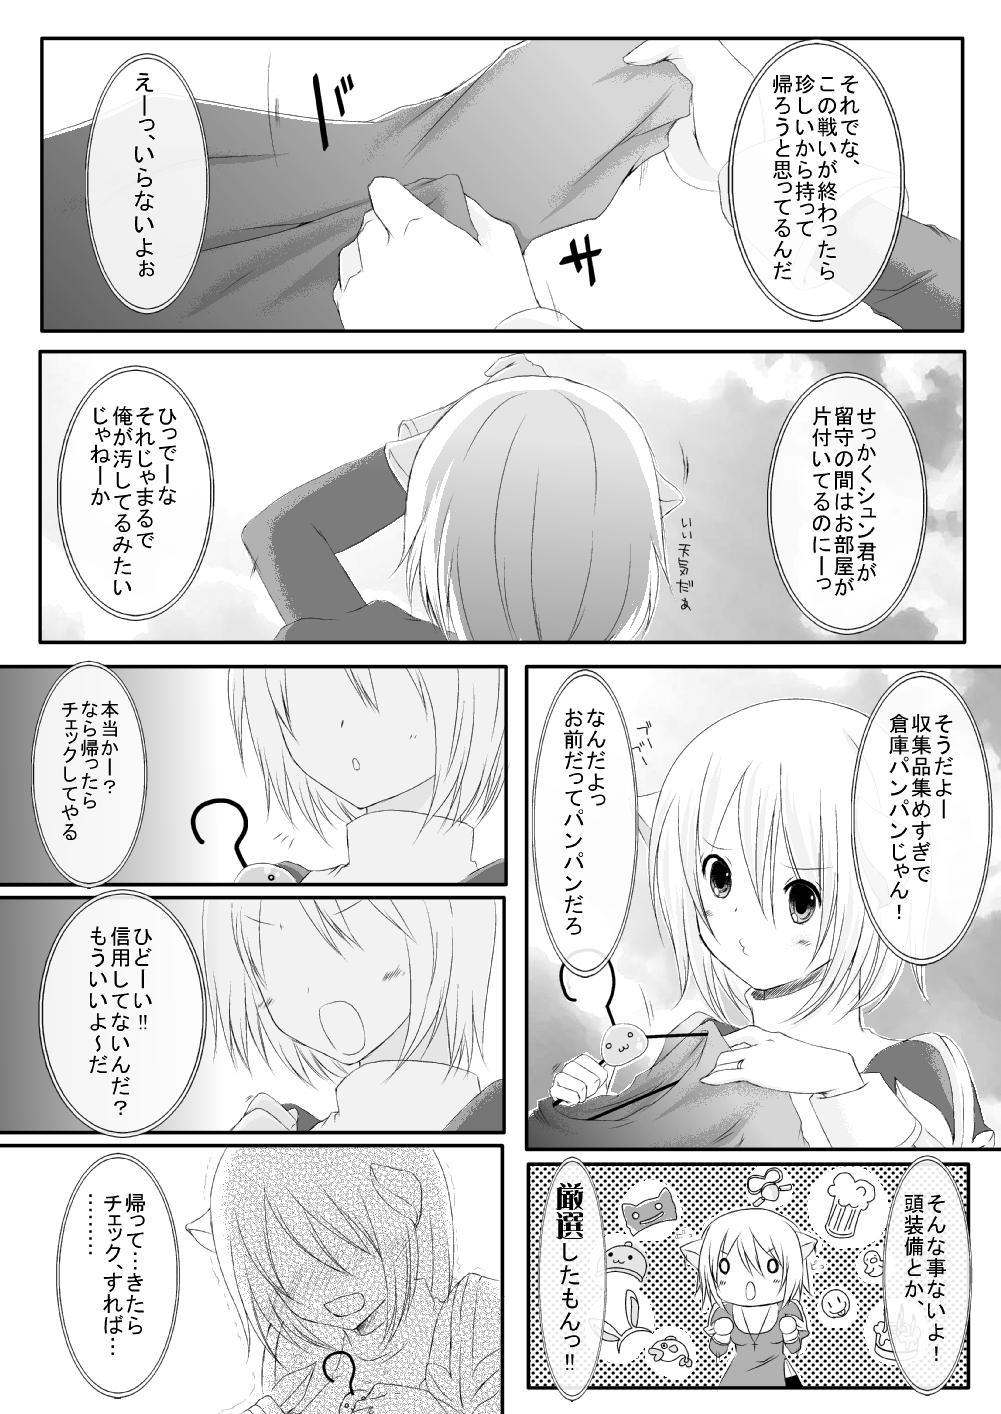 ラ○ナロク素プリ寝取られ本総集編 79